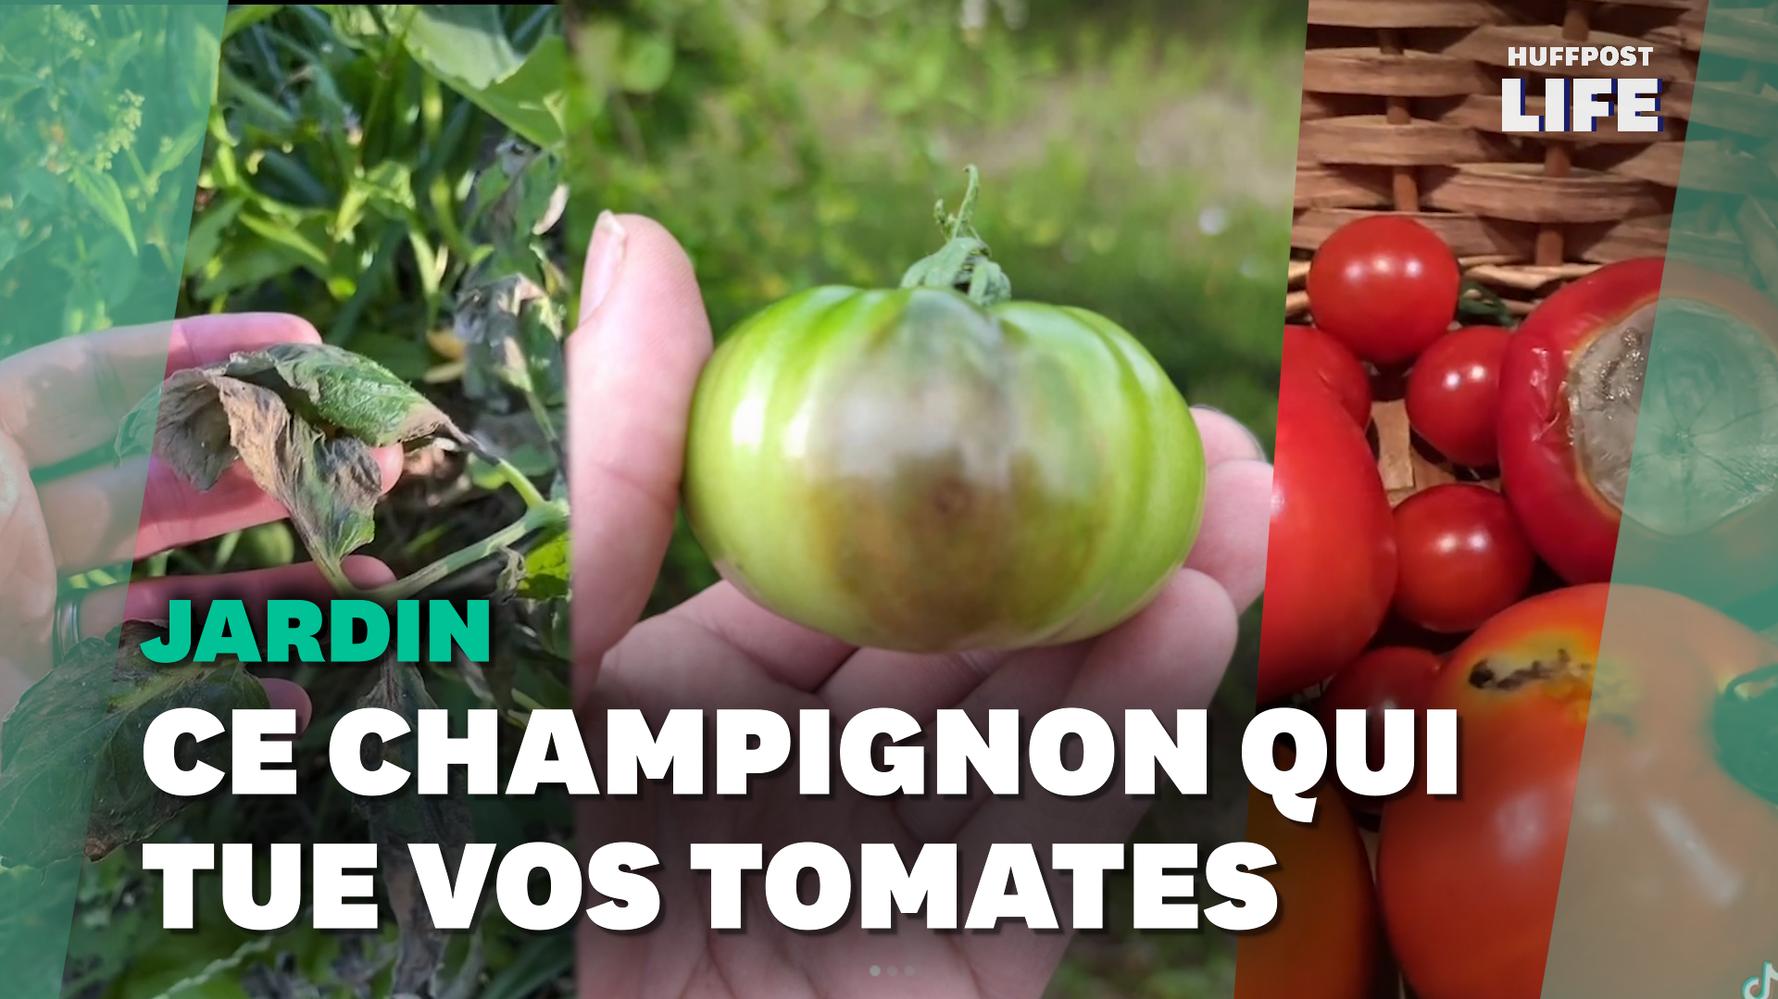 À cause du mildiou, les jardiniers amateurs en ont gros sur la tomate